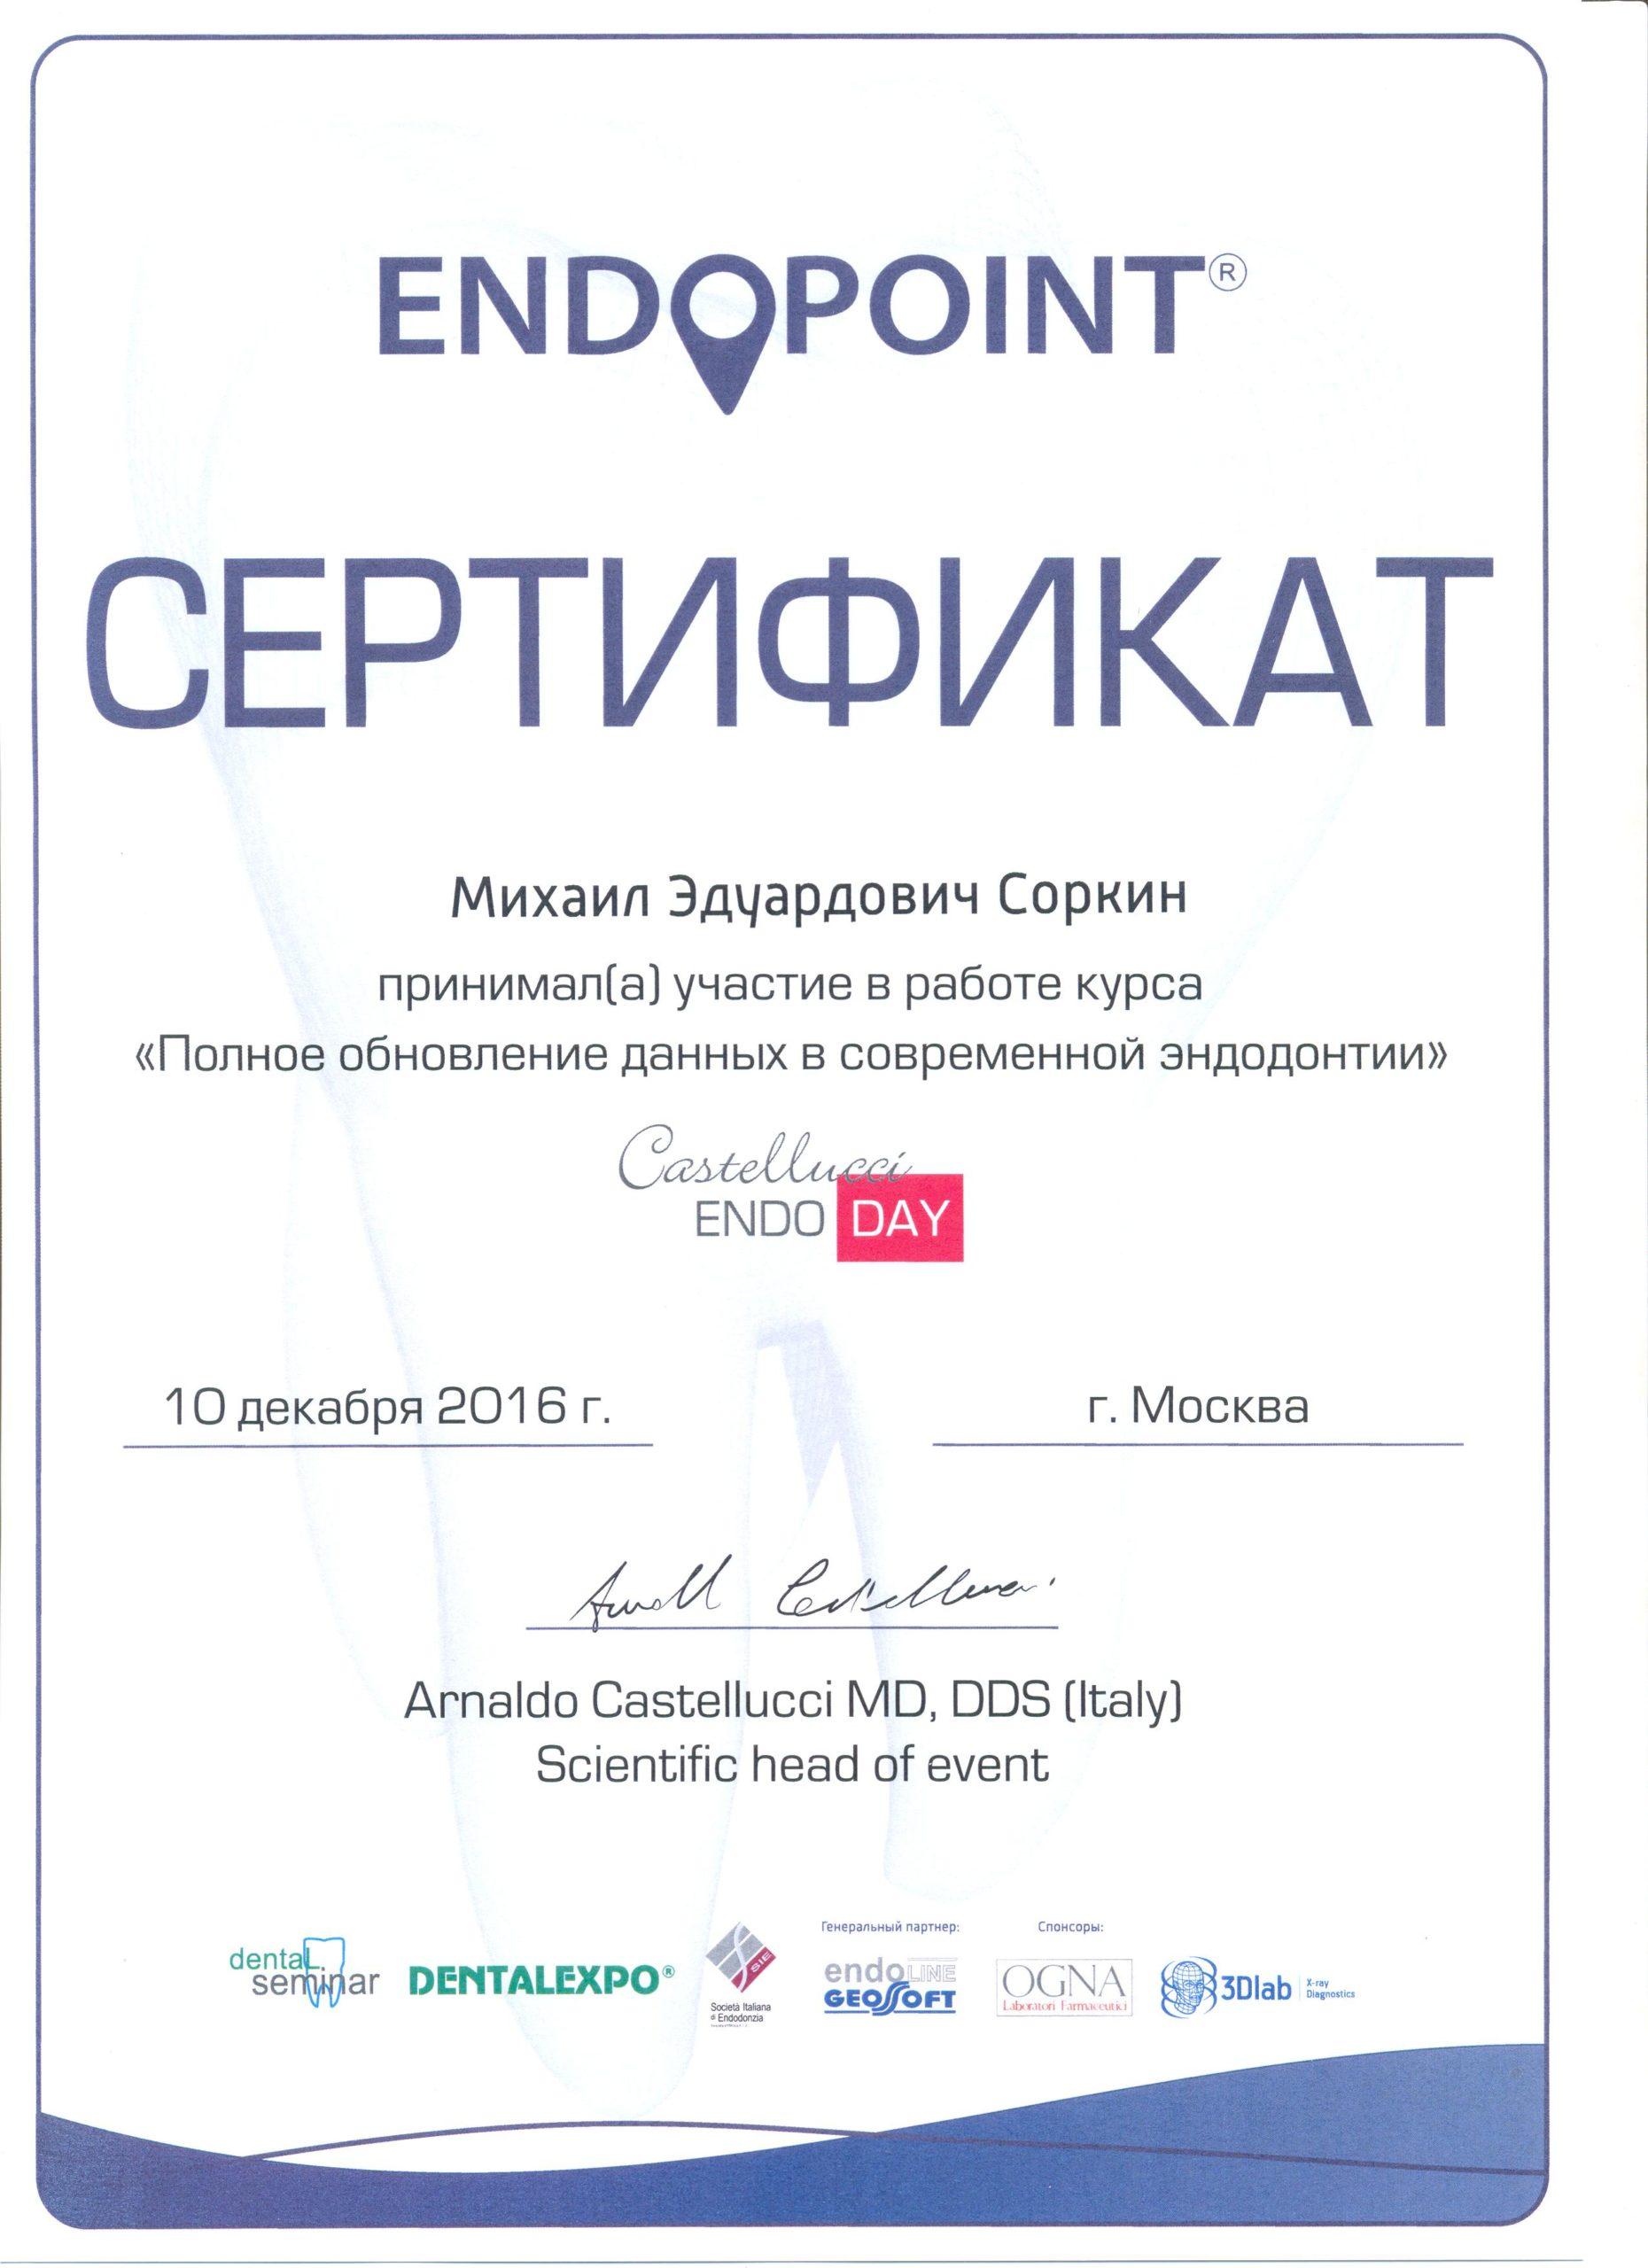 сертификат стоматолога эндодонтия Соркин